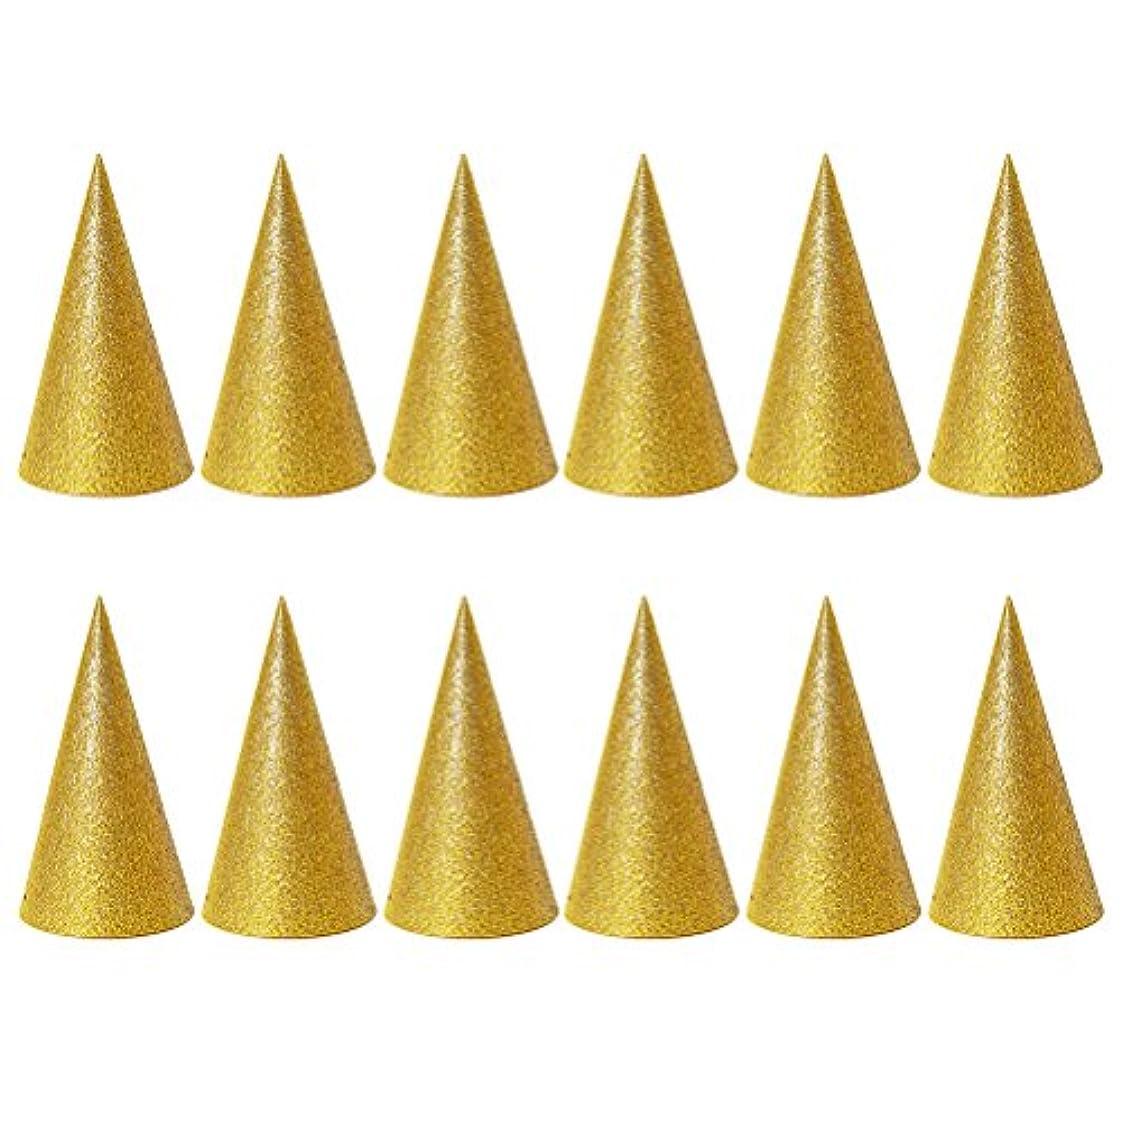 アセンブリ暗殺ランプSUPVOX 子供と大人のパーティーのための12個のキラキラコーンパーティー帽子トライアングルバースデー帽子は装飾を飾ります(ゴールデン)